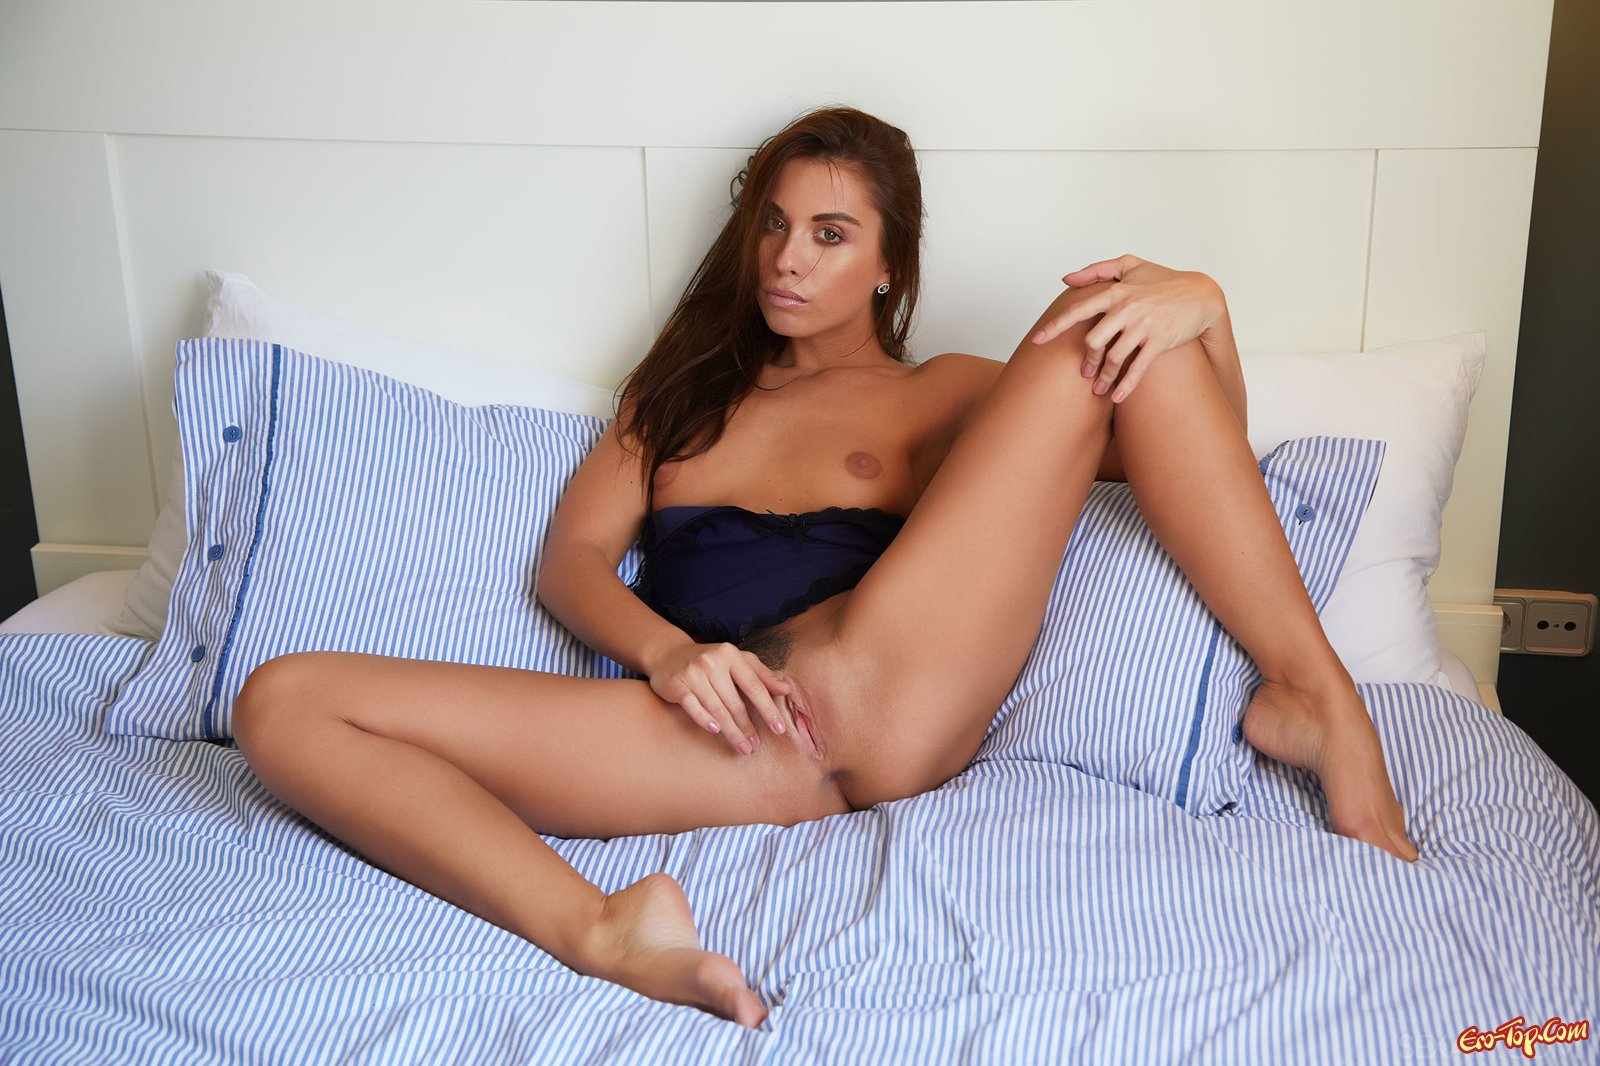 Шикарная девушка оголила бритую письку в постели